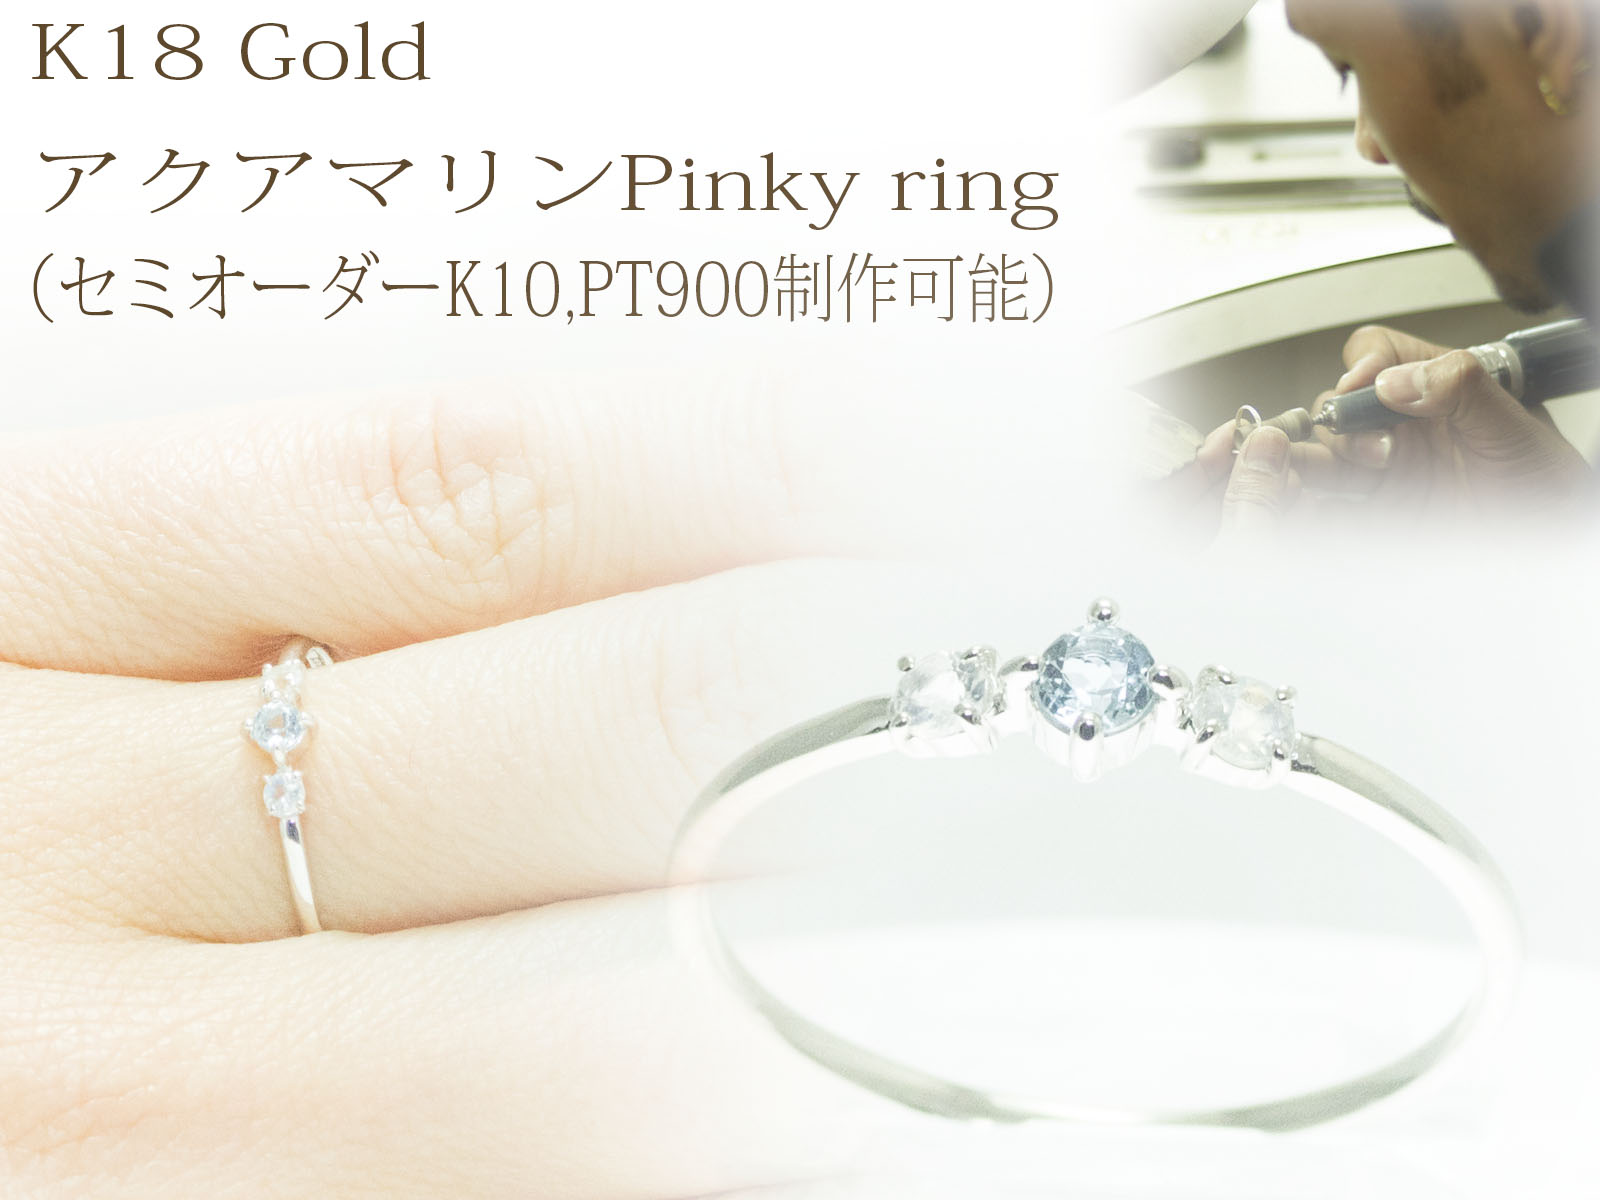 結婚指輪 マリッジリング K18 ゴールド アクアマリン ムーンストーン リング 18金 【 K10 PG ピンクゴールド WG ホワイトゴールド YG イエローゴールド pt900 プラチナ 選択】【ボーナスセール】